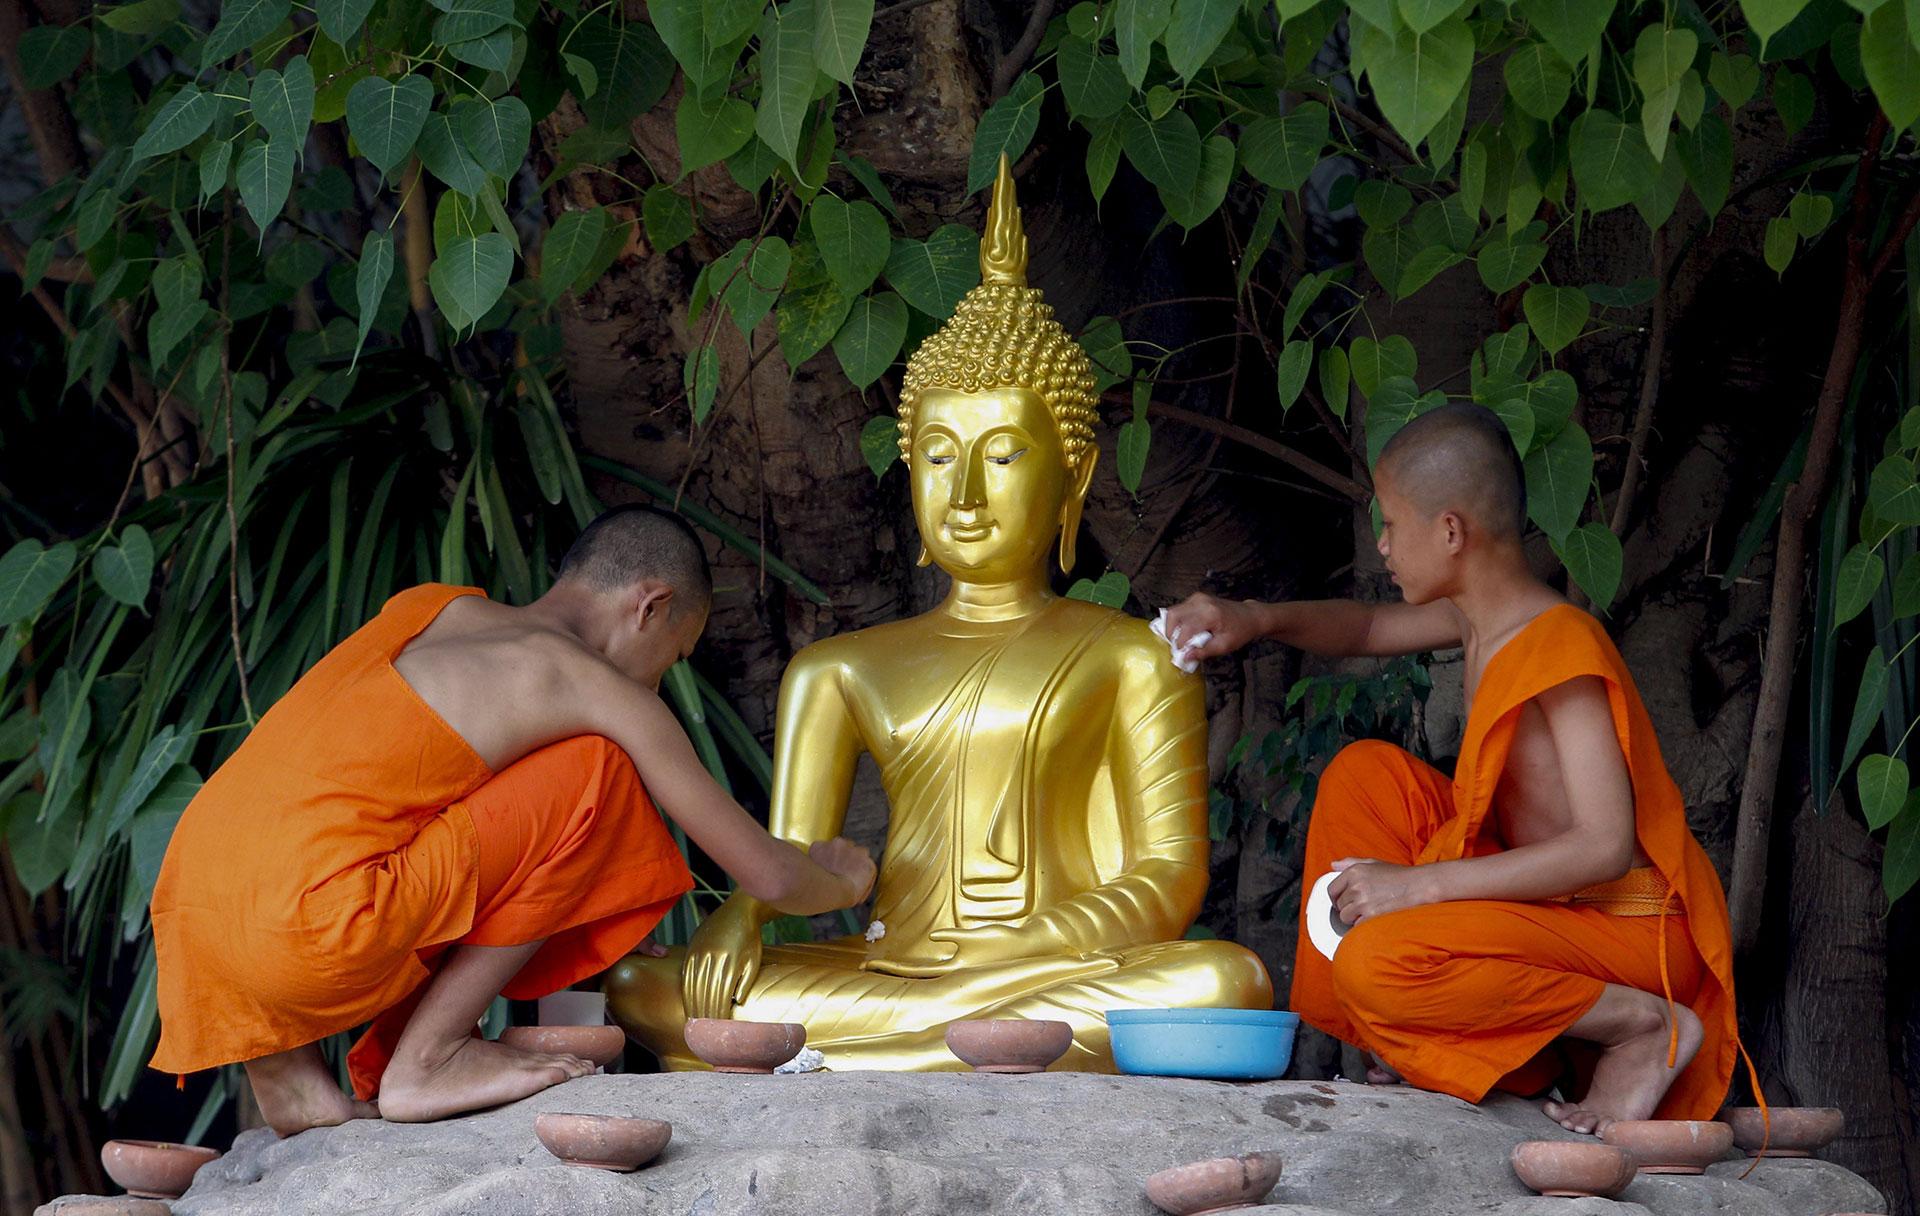 Dos monjes budistas limpian una escultura de Buda durante una ceremonia religiosa para celebrar el Día de Buda en la provincia de Chiang Mai (Tailandia) el 10 de mayo de 2017. (EFE)